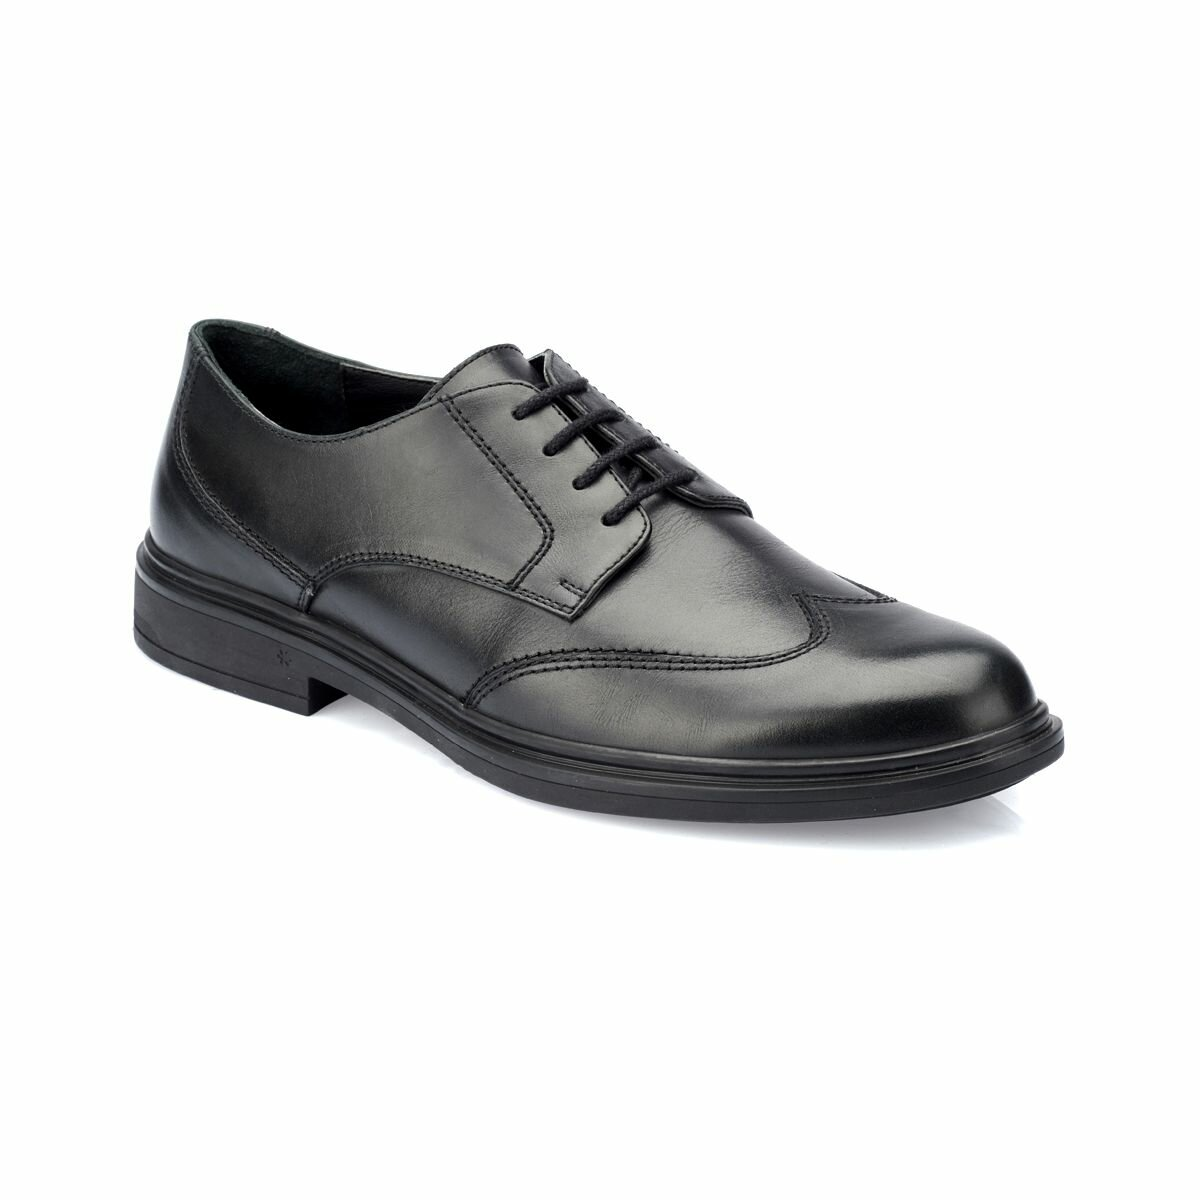 FLO 82.100401.M Black Male Shoes Polaris 5 Point